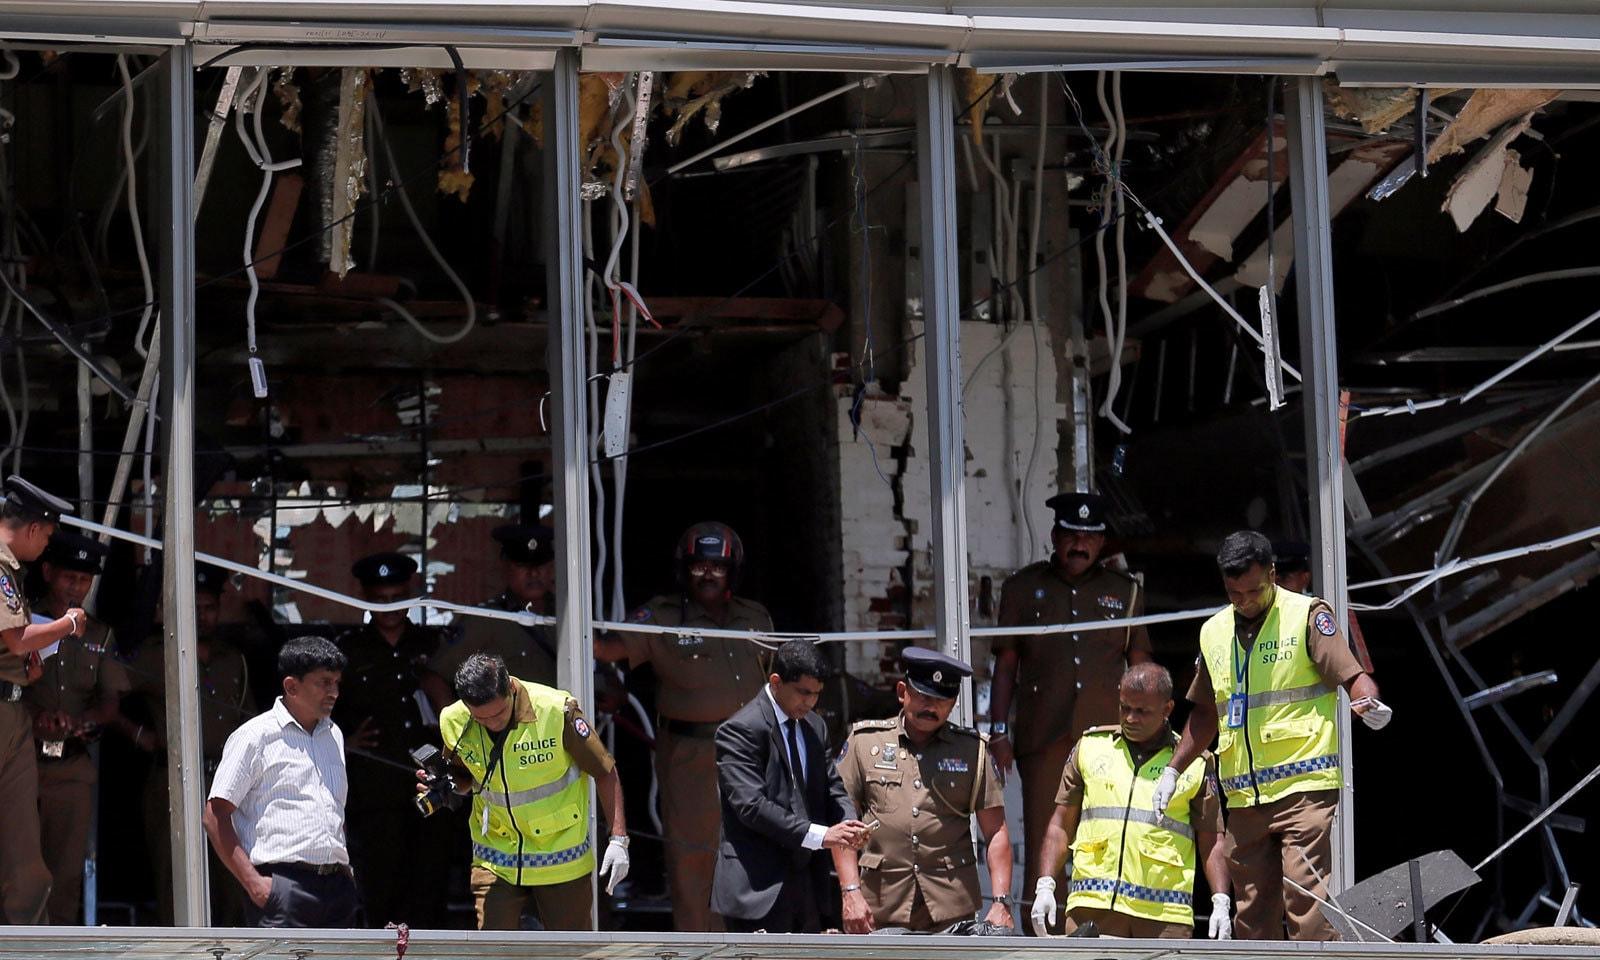 سری لنکا کے ہوٹل شانگری-لا کو بھی دہشت گردی کا نشانہ بنایا گیا— فوٹو: رائٹرز